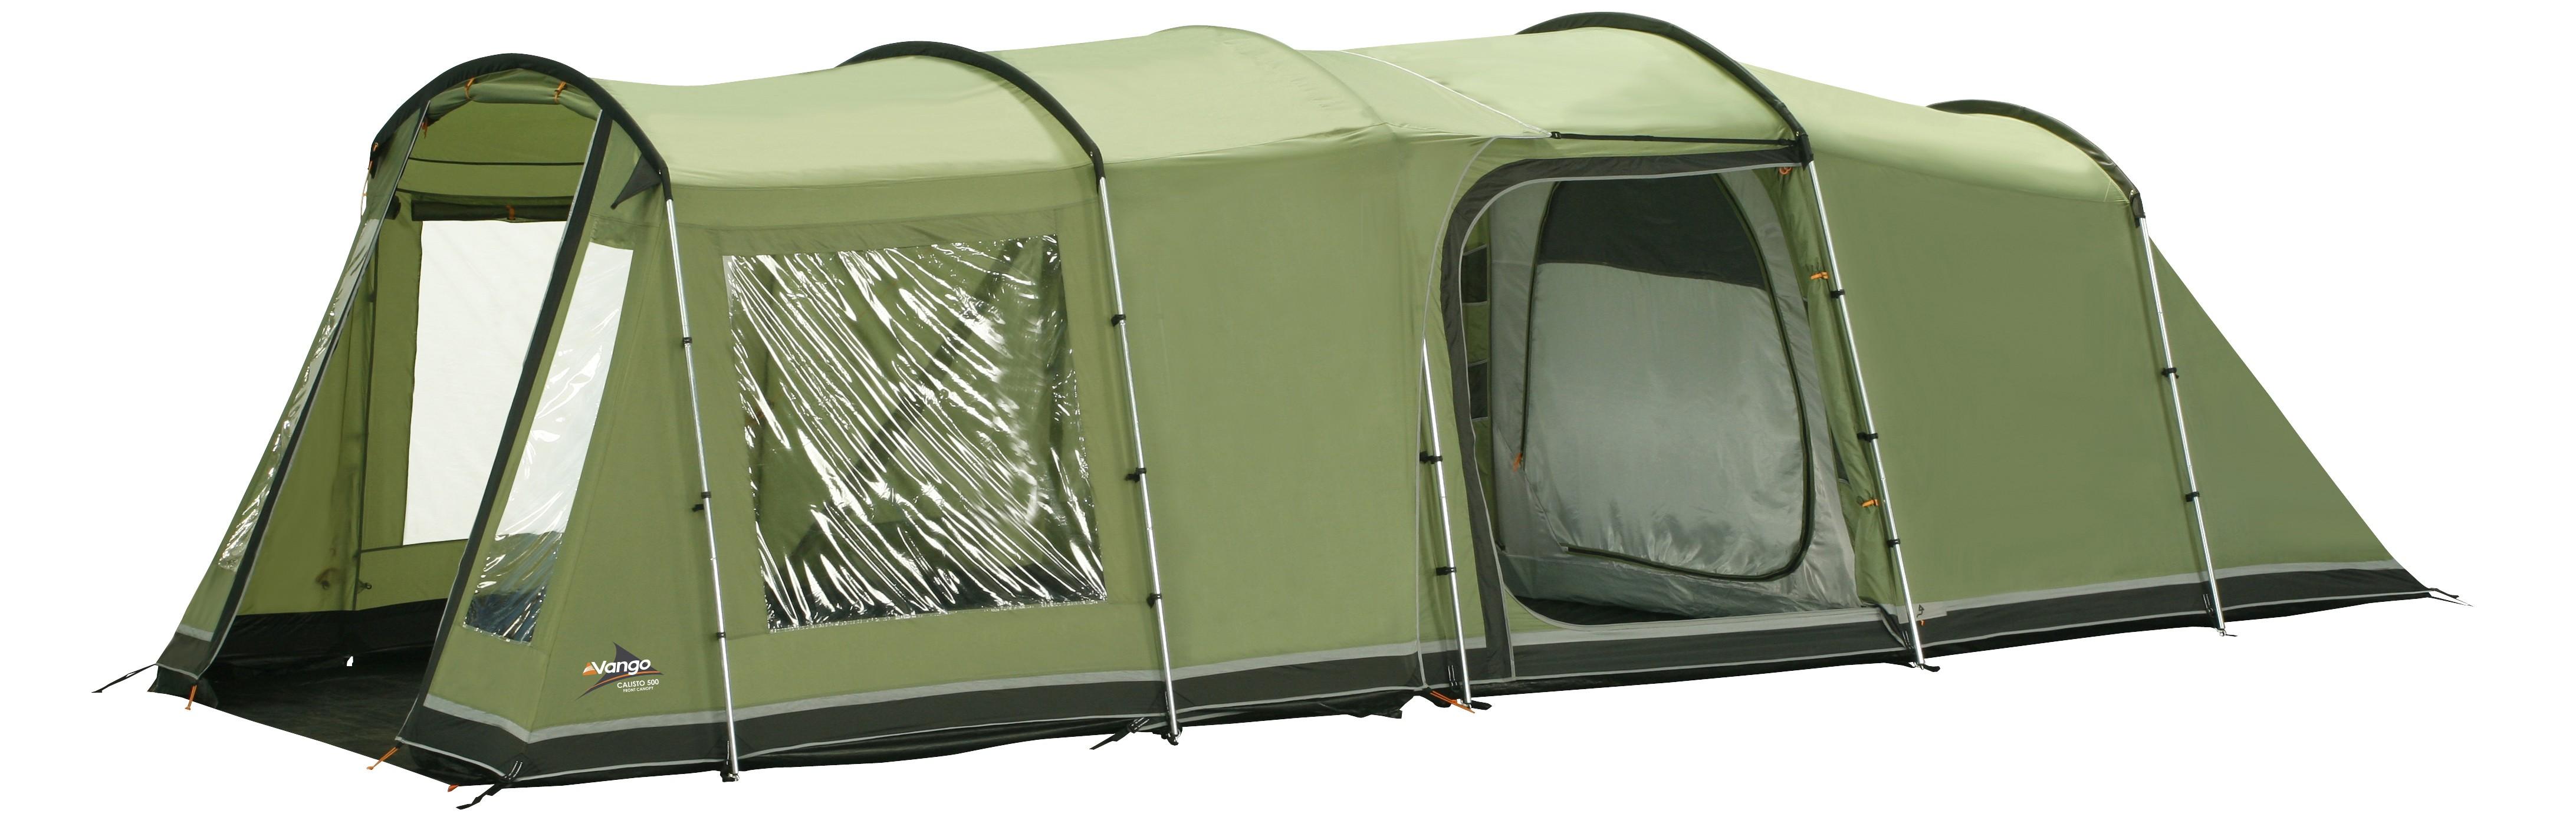 Save 7 Vango Calisto 500 Front Canopy